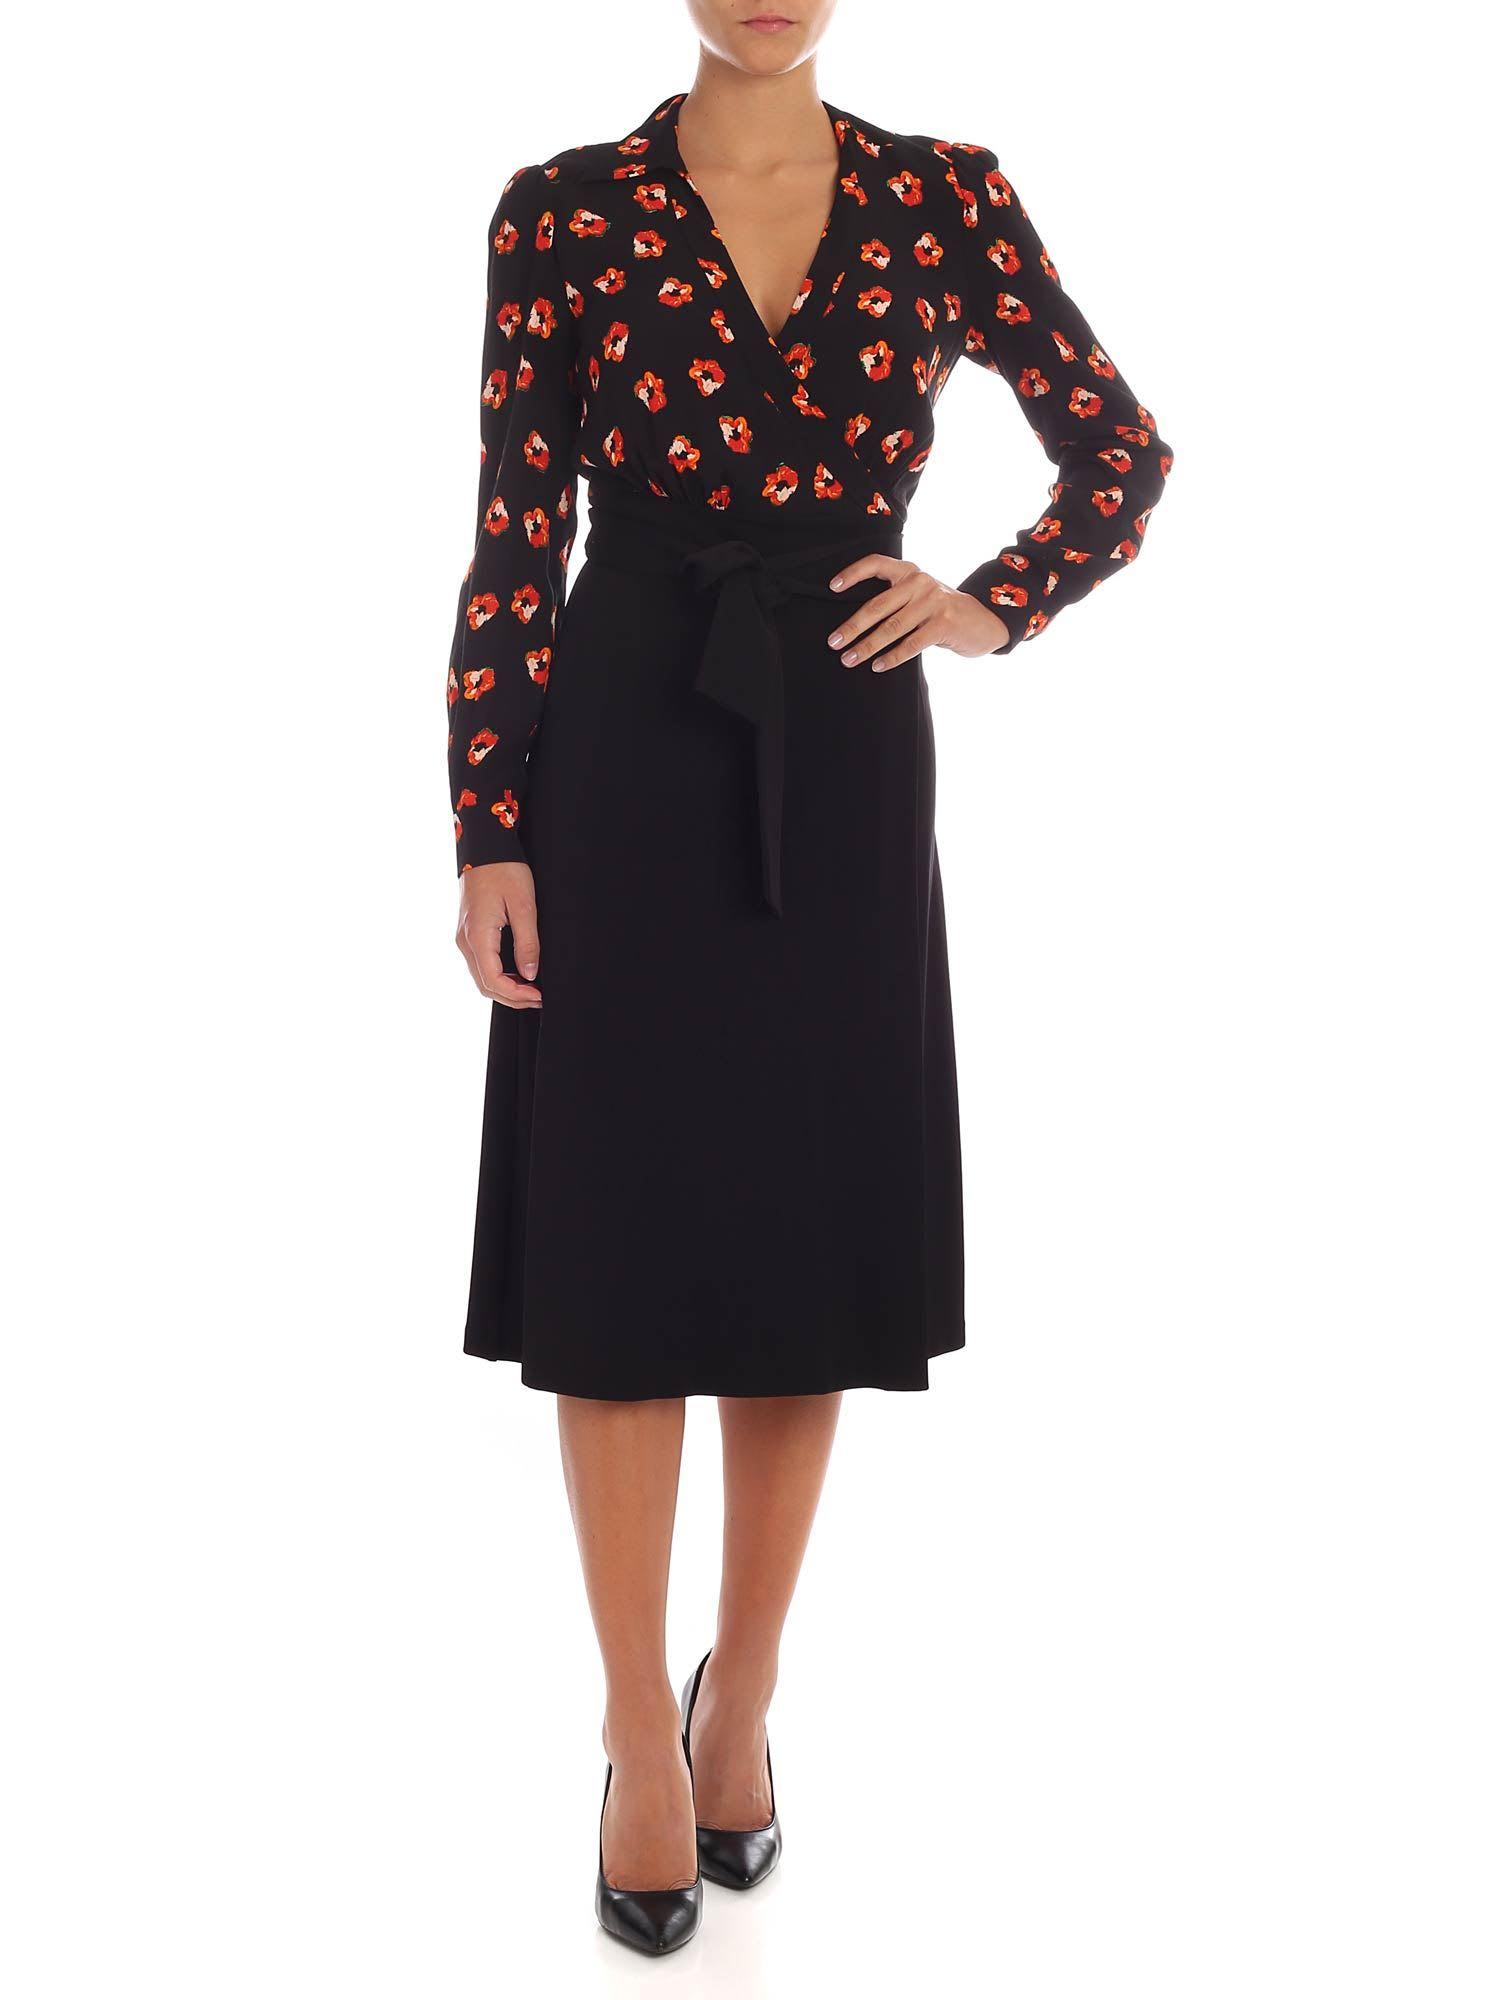 Diane Von Furstenberg – Angelina Dress